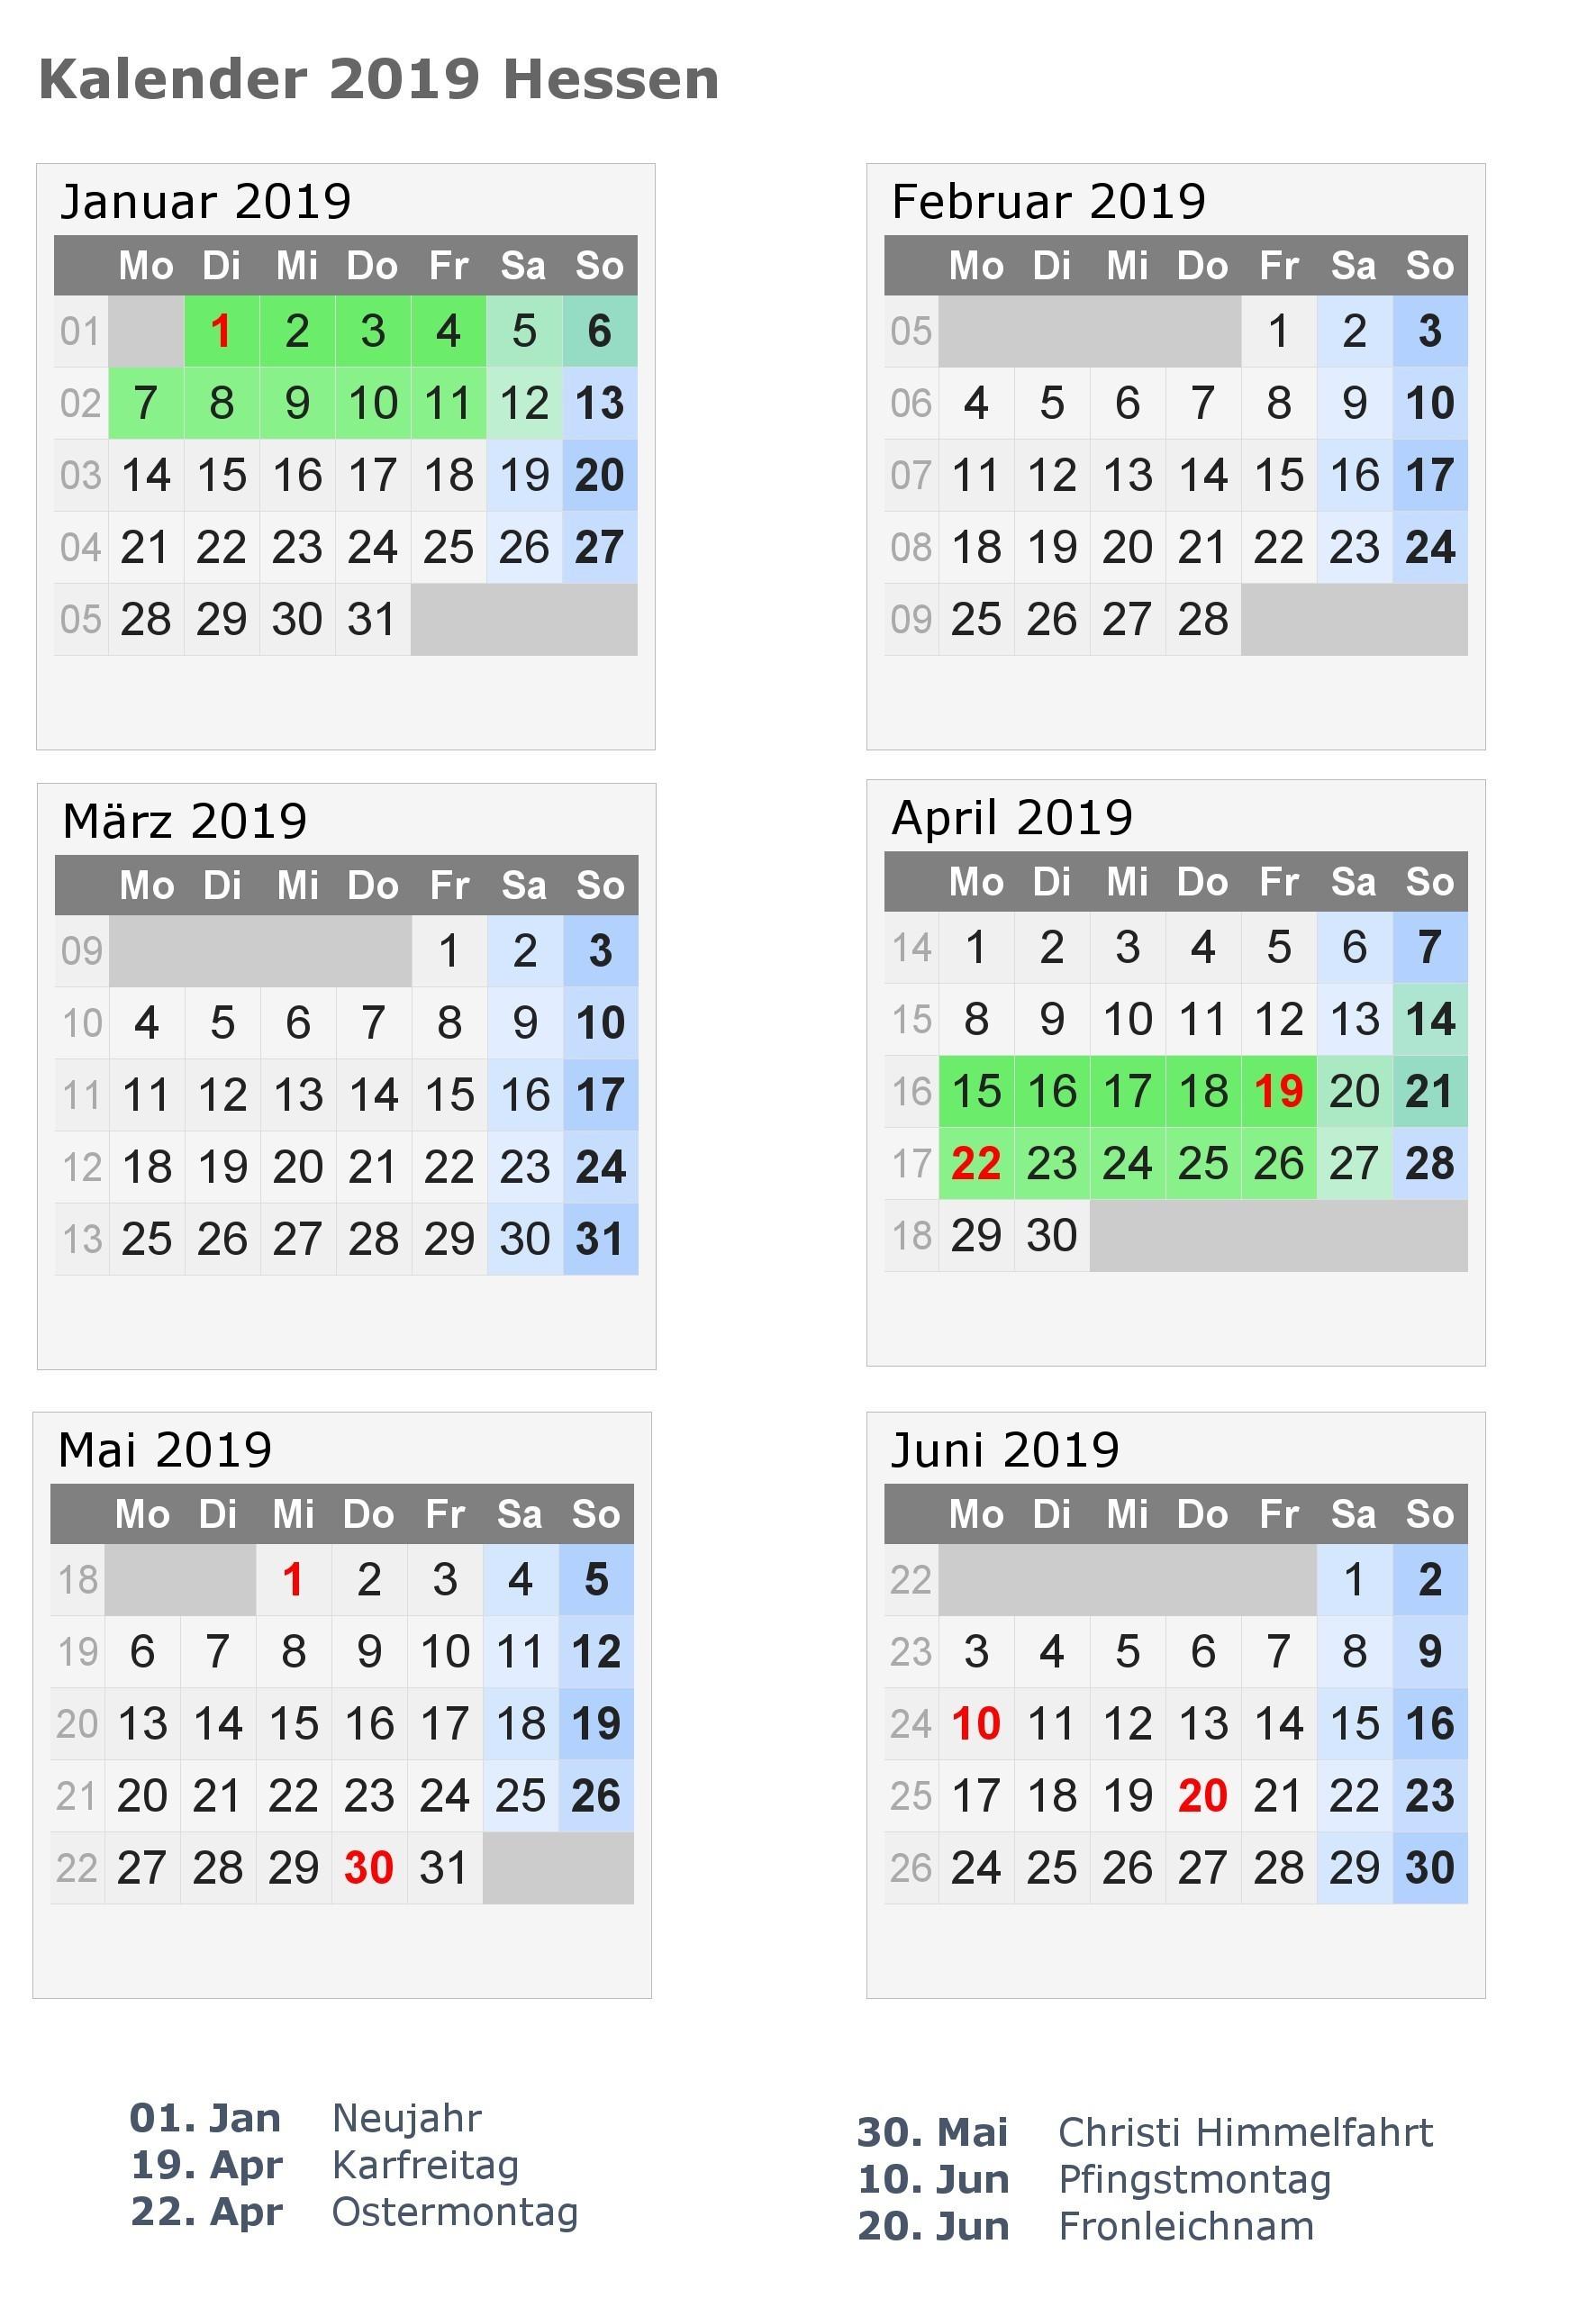 Calendario Enero 2019 Para Imprimir A4 Más Reciente Verificar Kalender 2019 Pdf Din A3 Calendario 2019 Of Calendario Enero 2019 Para Imprimir A4 Más Actual Calendario De Mesa 2016 Prar Takvim Kalender Hd